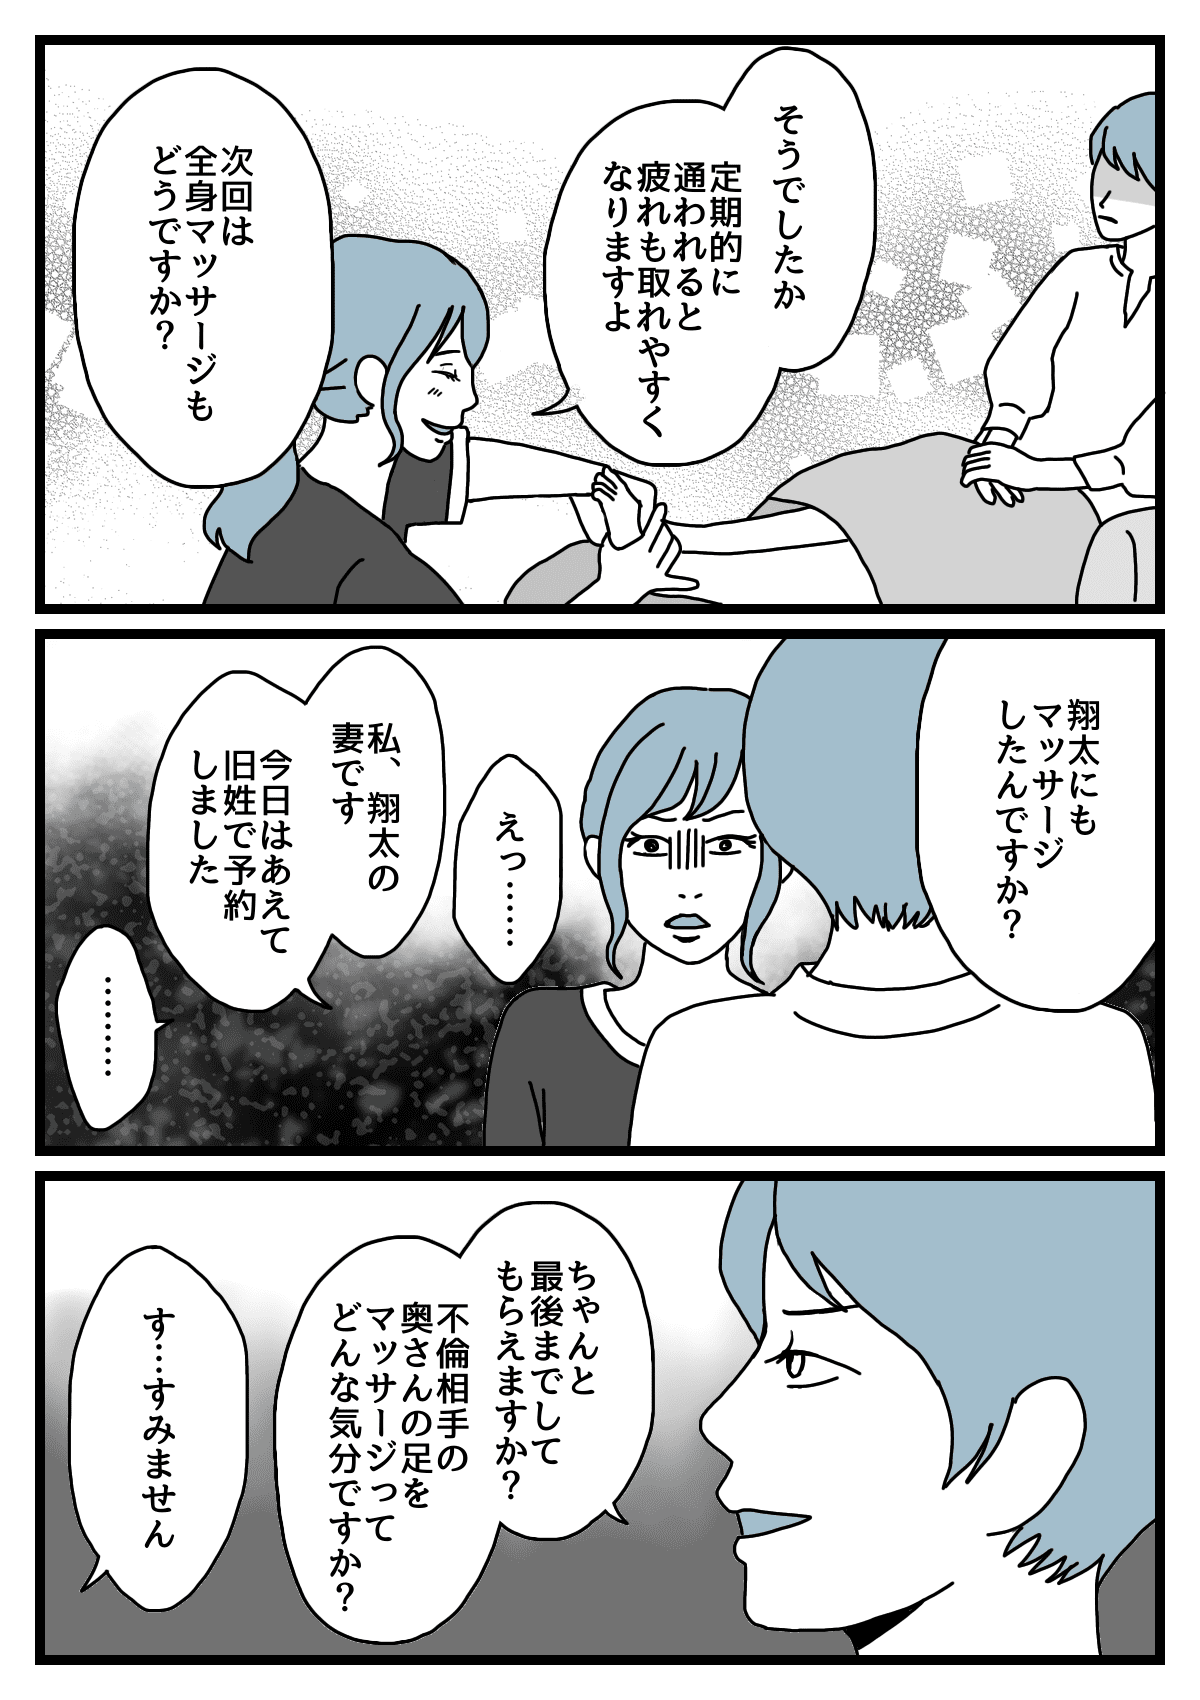 【後編】突撃2